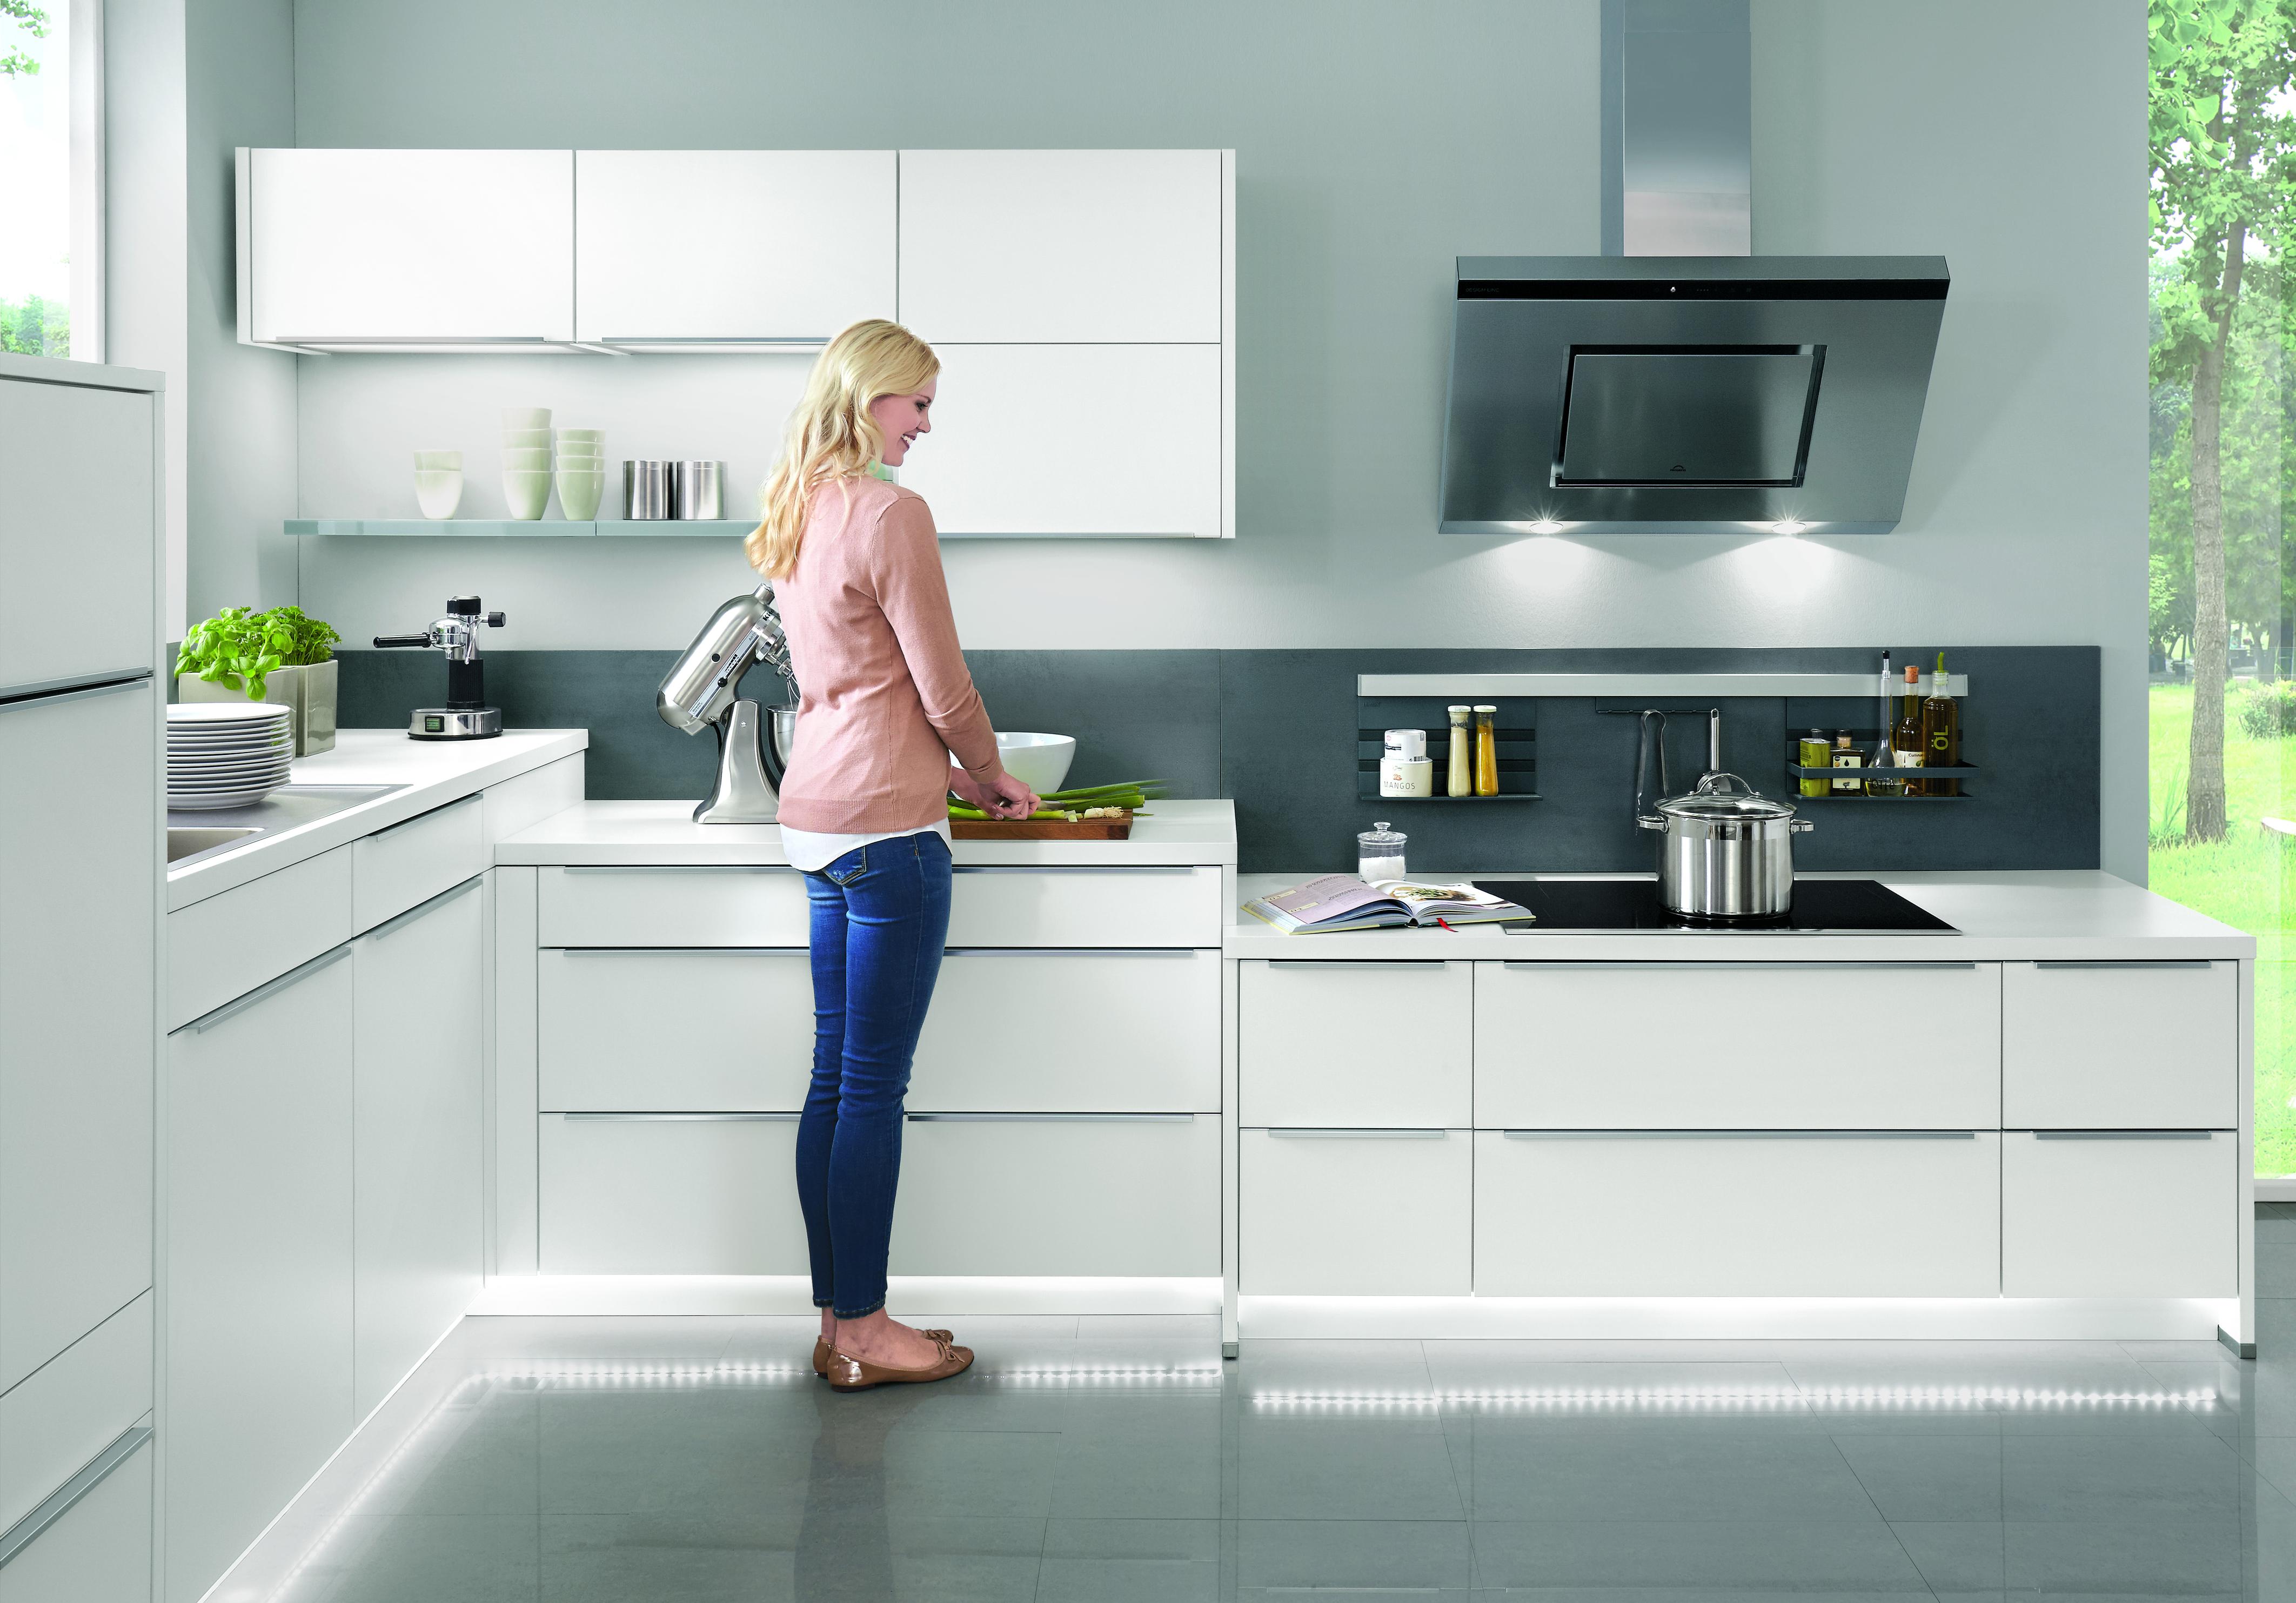 Full Size of Möbelix Küchen Ergonomische Kchen Individuell Auf Sie Abgestimmt Mbelix Regal Wohnzimmer Möbelix Küchen